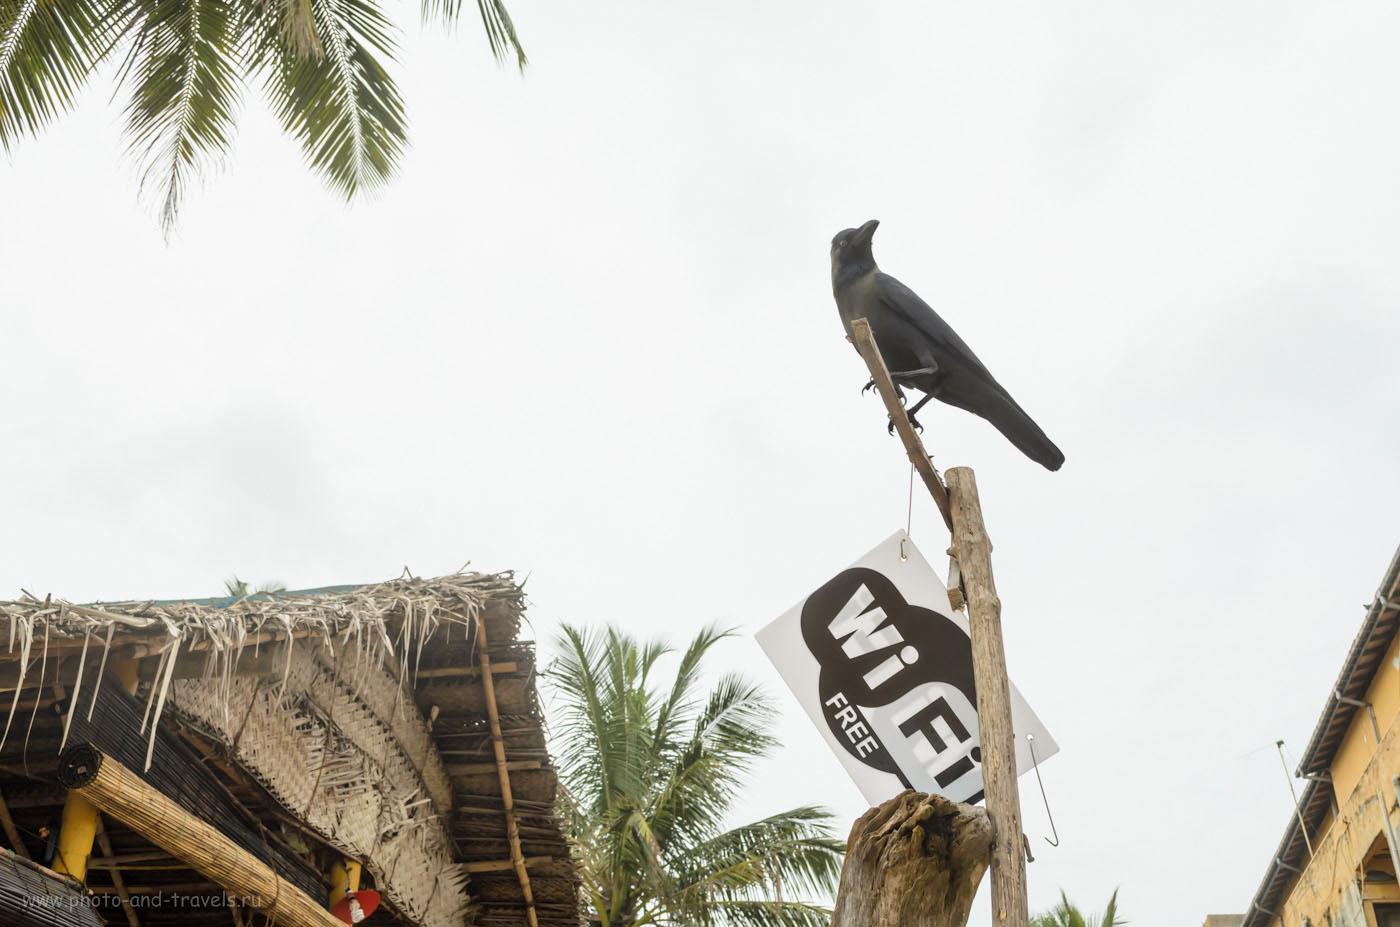 """Фото 12. """"Продвинутые"""" вороны на пляже Хиккадува (Hikkaduwa), что на Шри-Ланке. Как мы арендовали машину и путешествовали по острову самостоятельно. Отзывы туристов."""